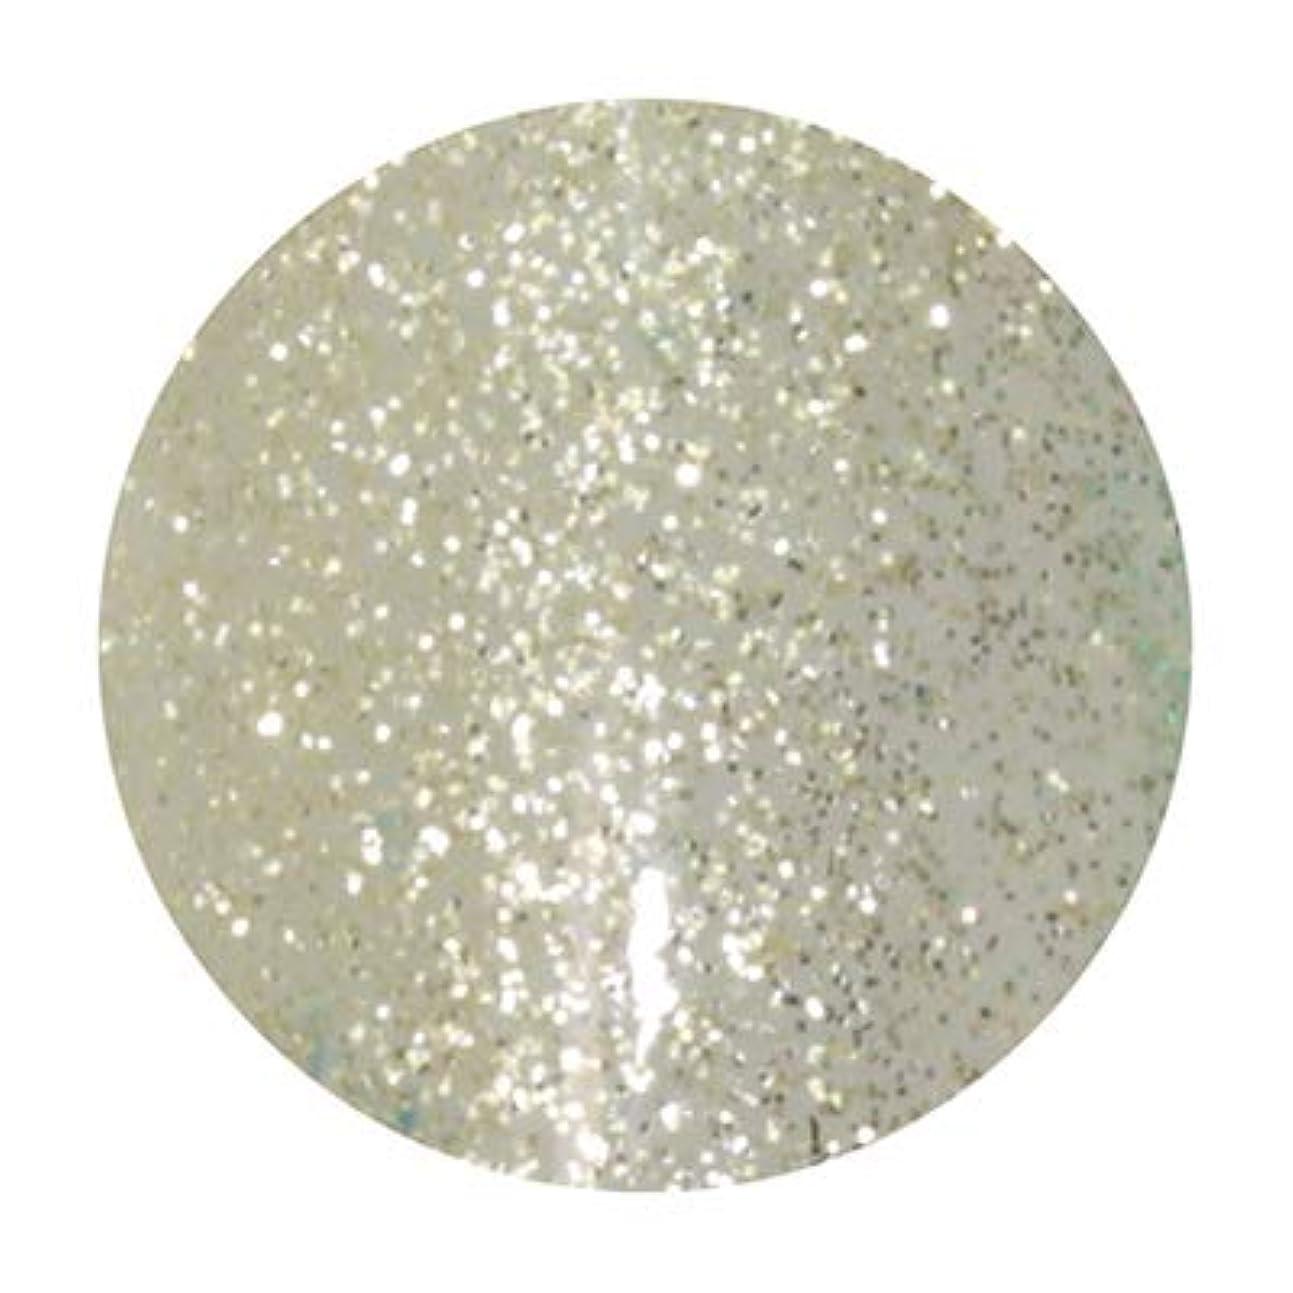 ソファーメリー写真T-GEL COLLECTION ティージェル カラージェル D215 Cゴールドシャイン 4ml